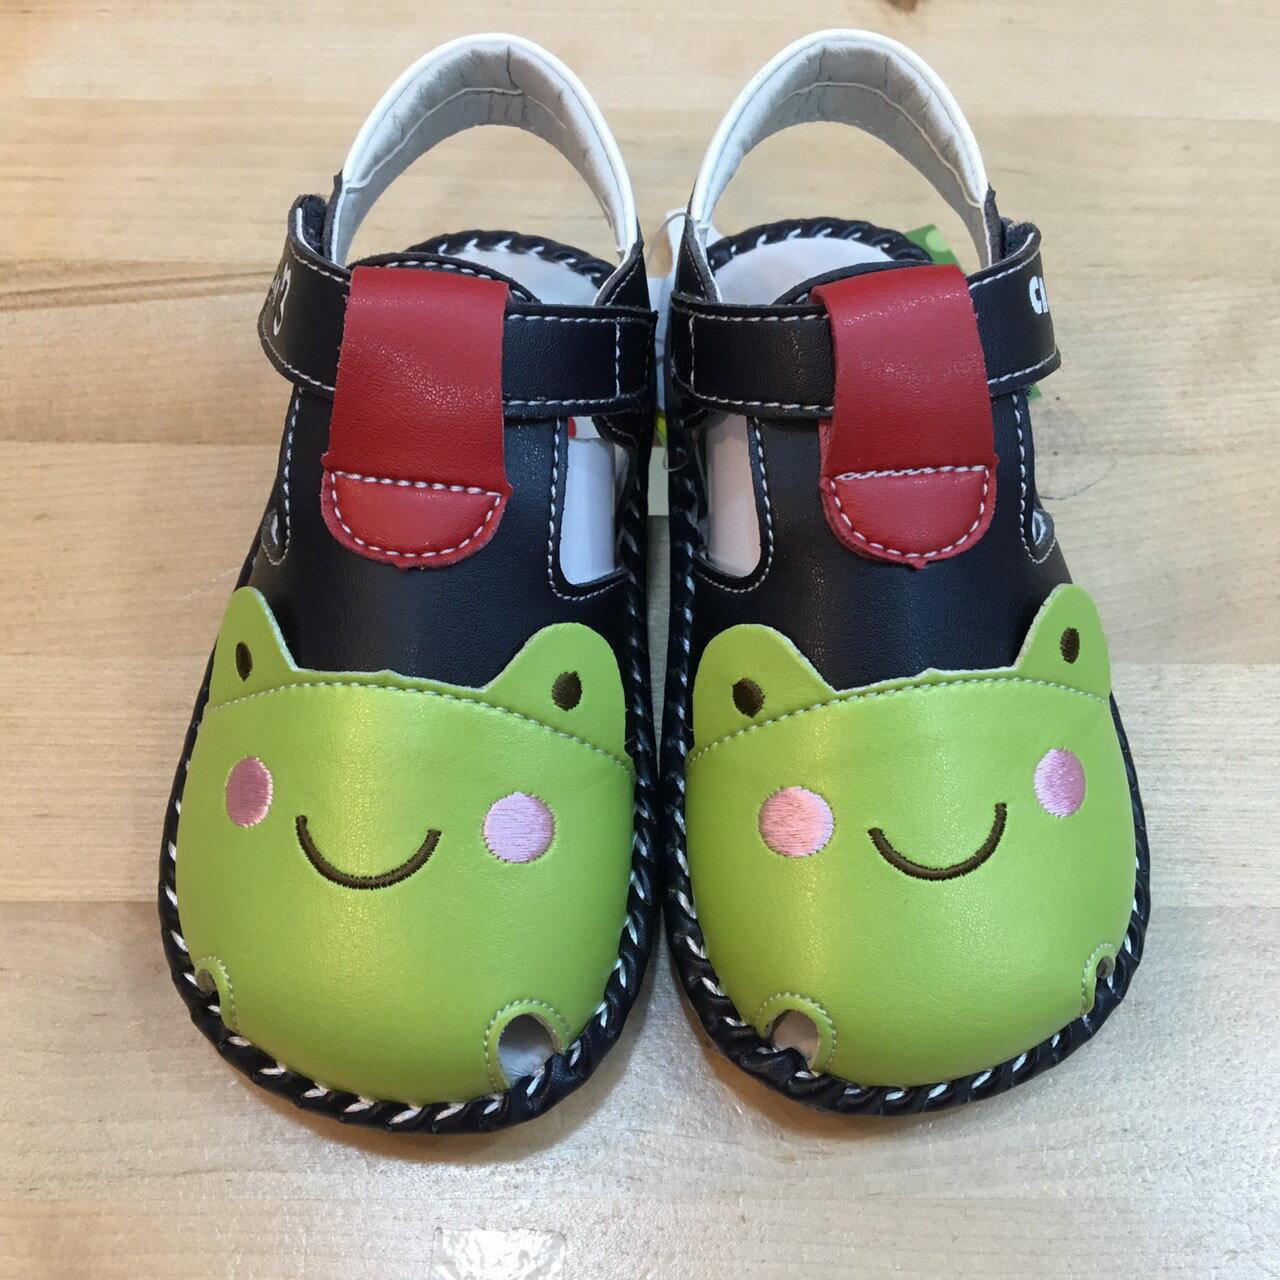 【禾宜精品】五折學步鞋 可愛青蛙 真皮鞋墊 天鵝童鞋 恰恰兔 涼鞋 手工鞋 寶寶 台灣製造 童鞋